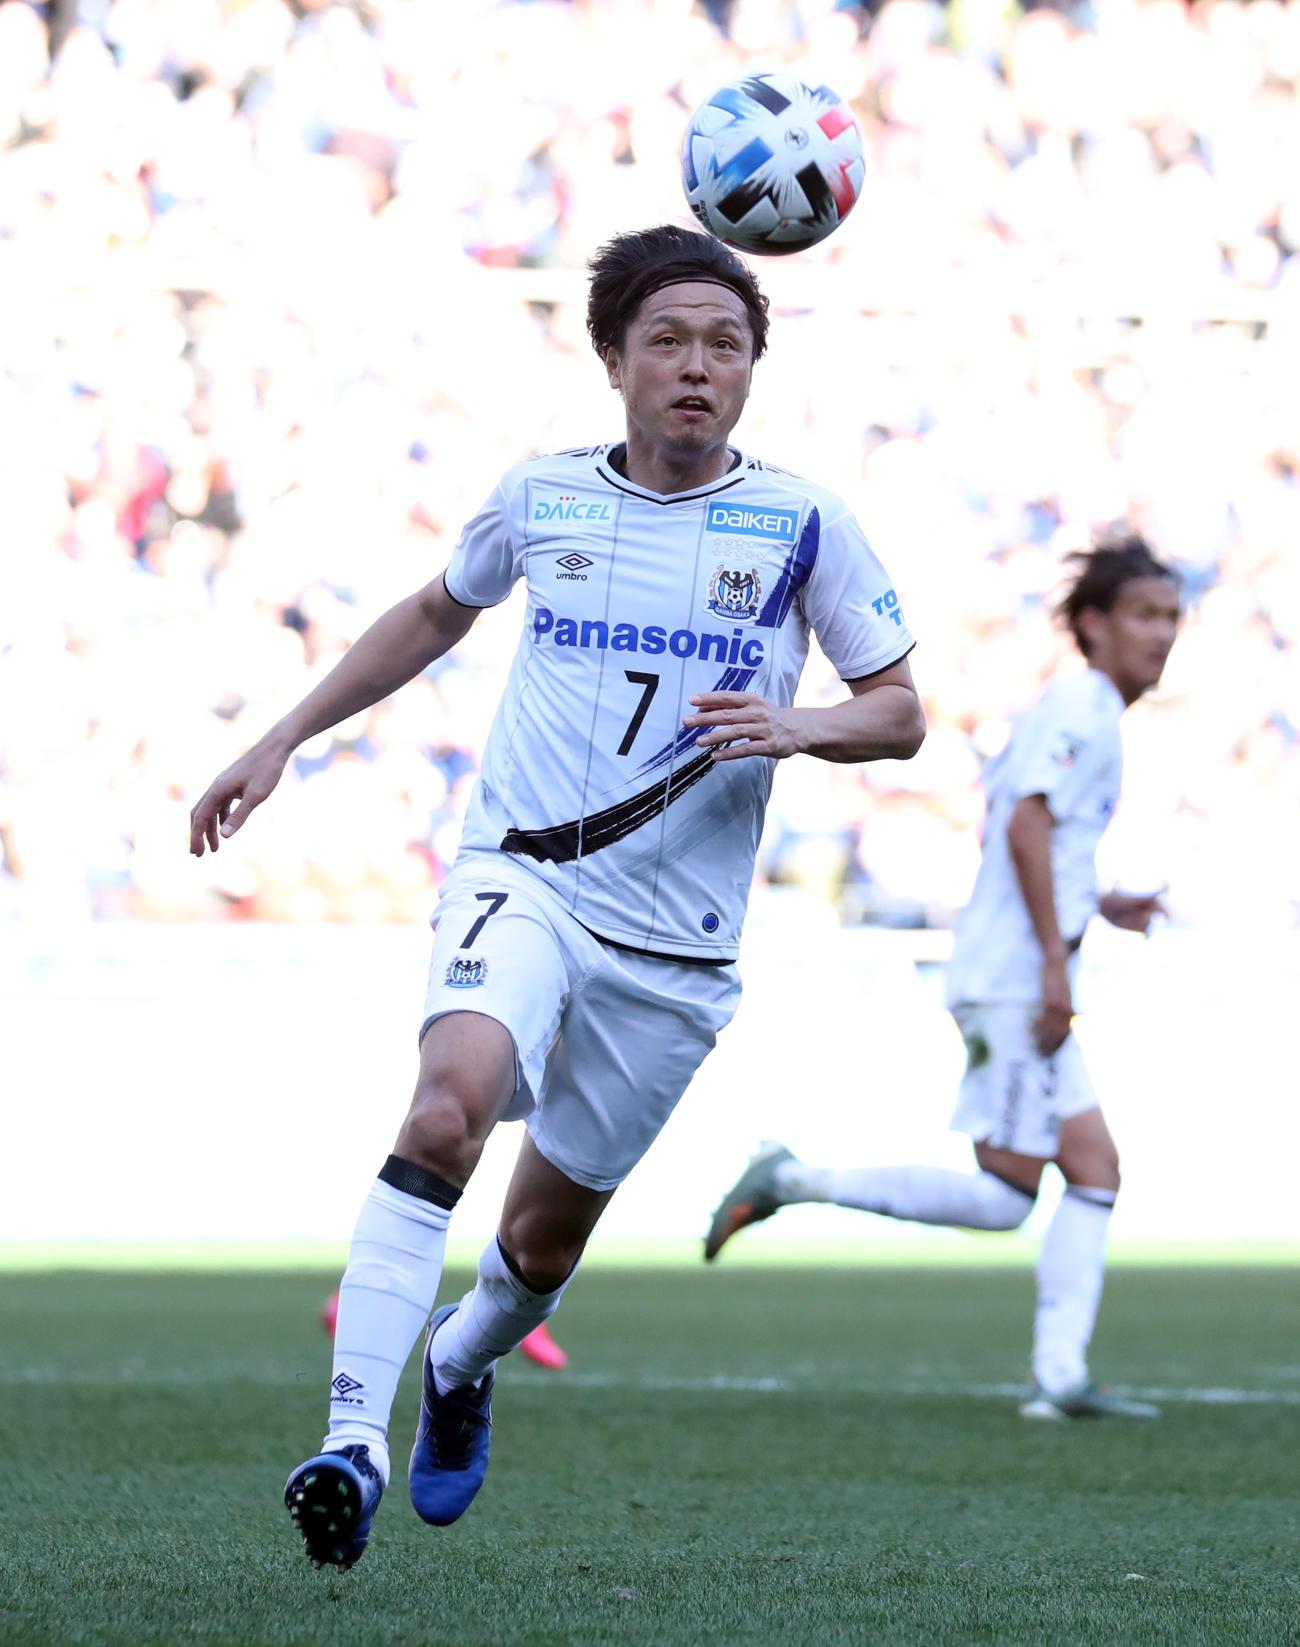 横浜対G大阪 後半、ボールをコントロールするG大阪MF遠藤(撮影・垰建太)